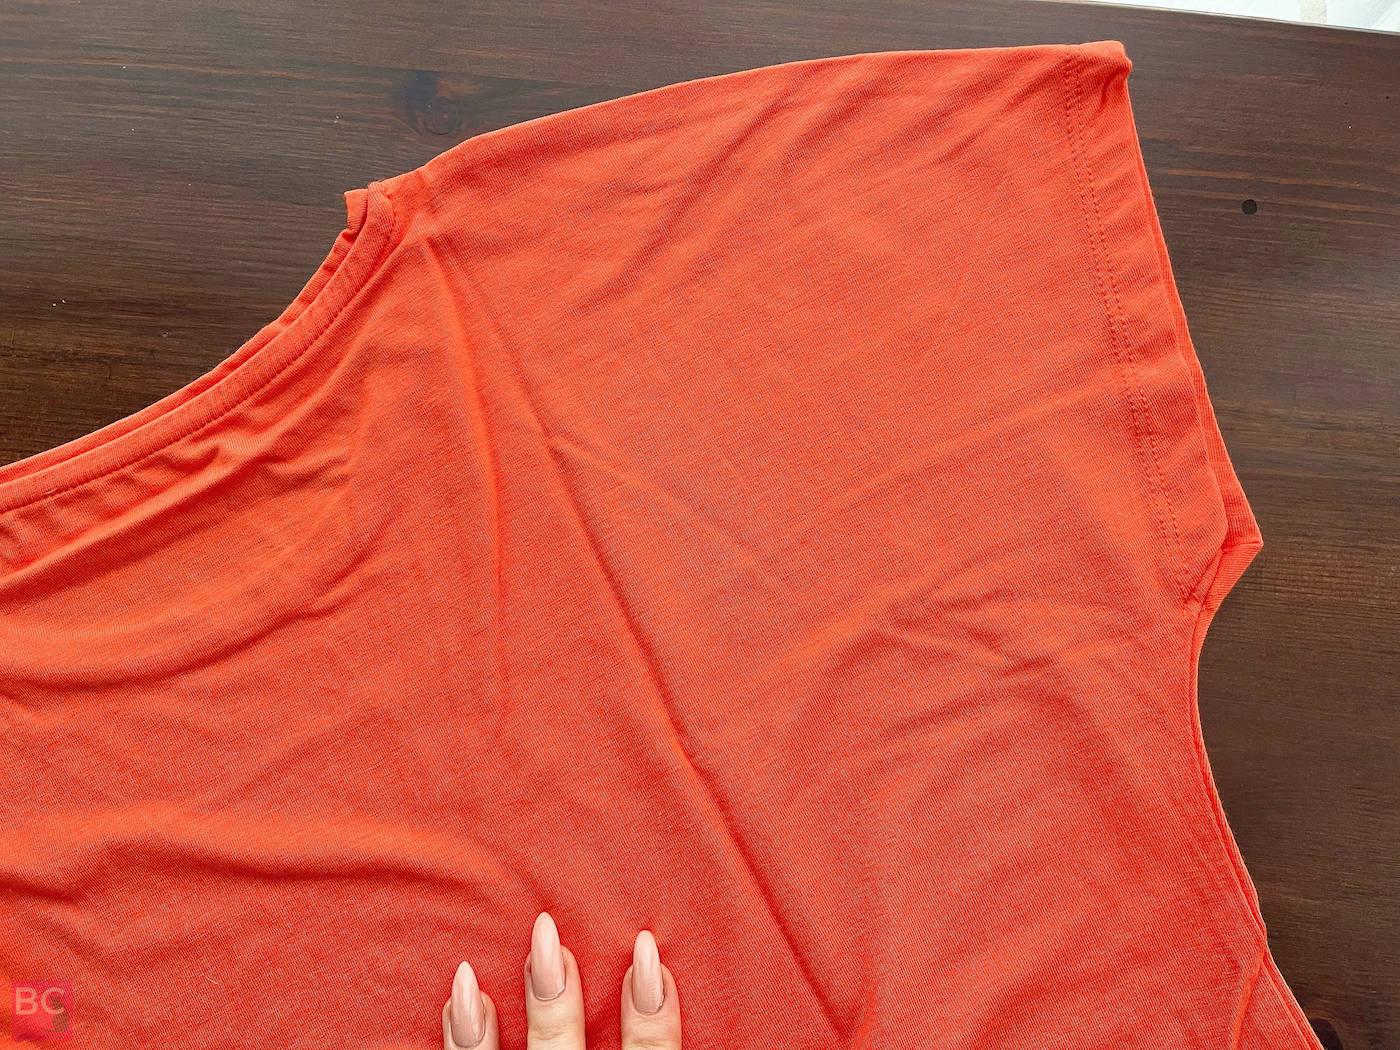 The Mia Shirt Les Lunes Erfahrungen hinten Details Rücken